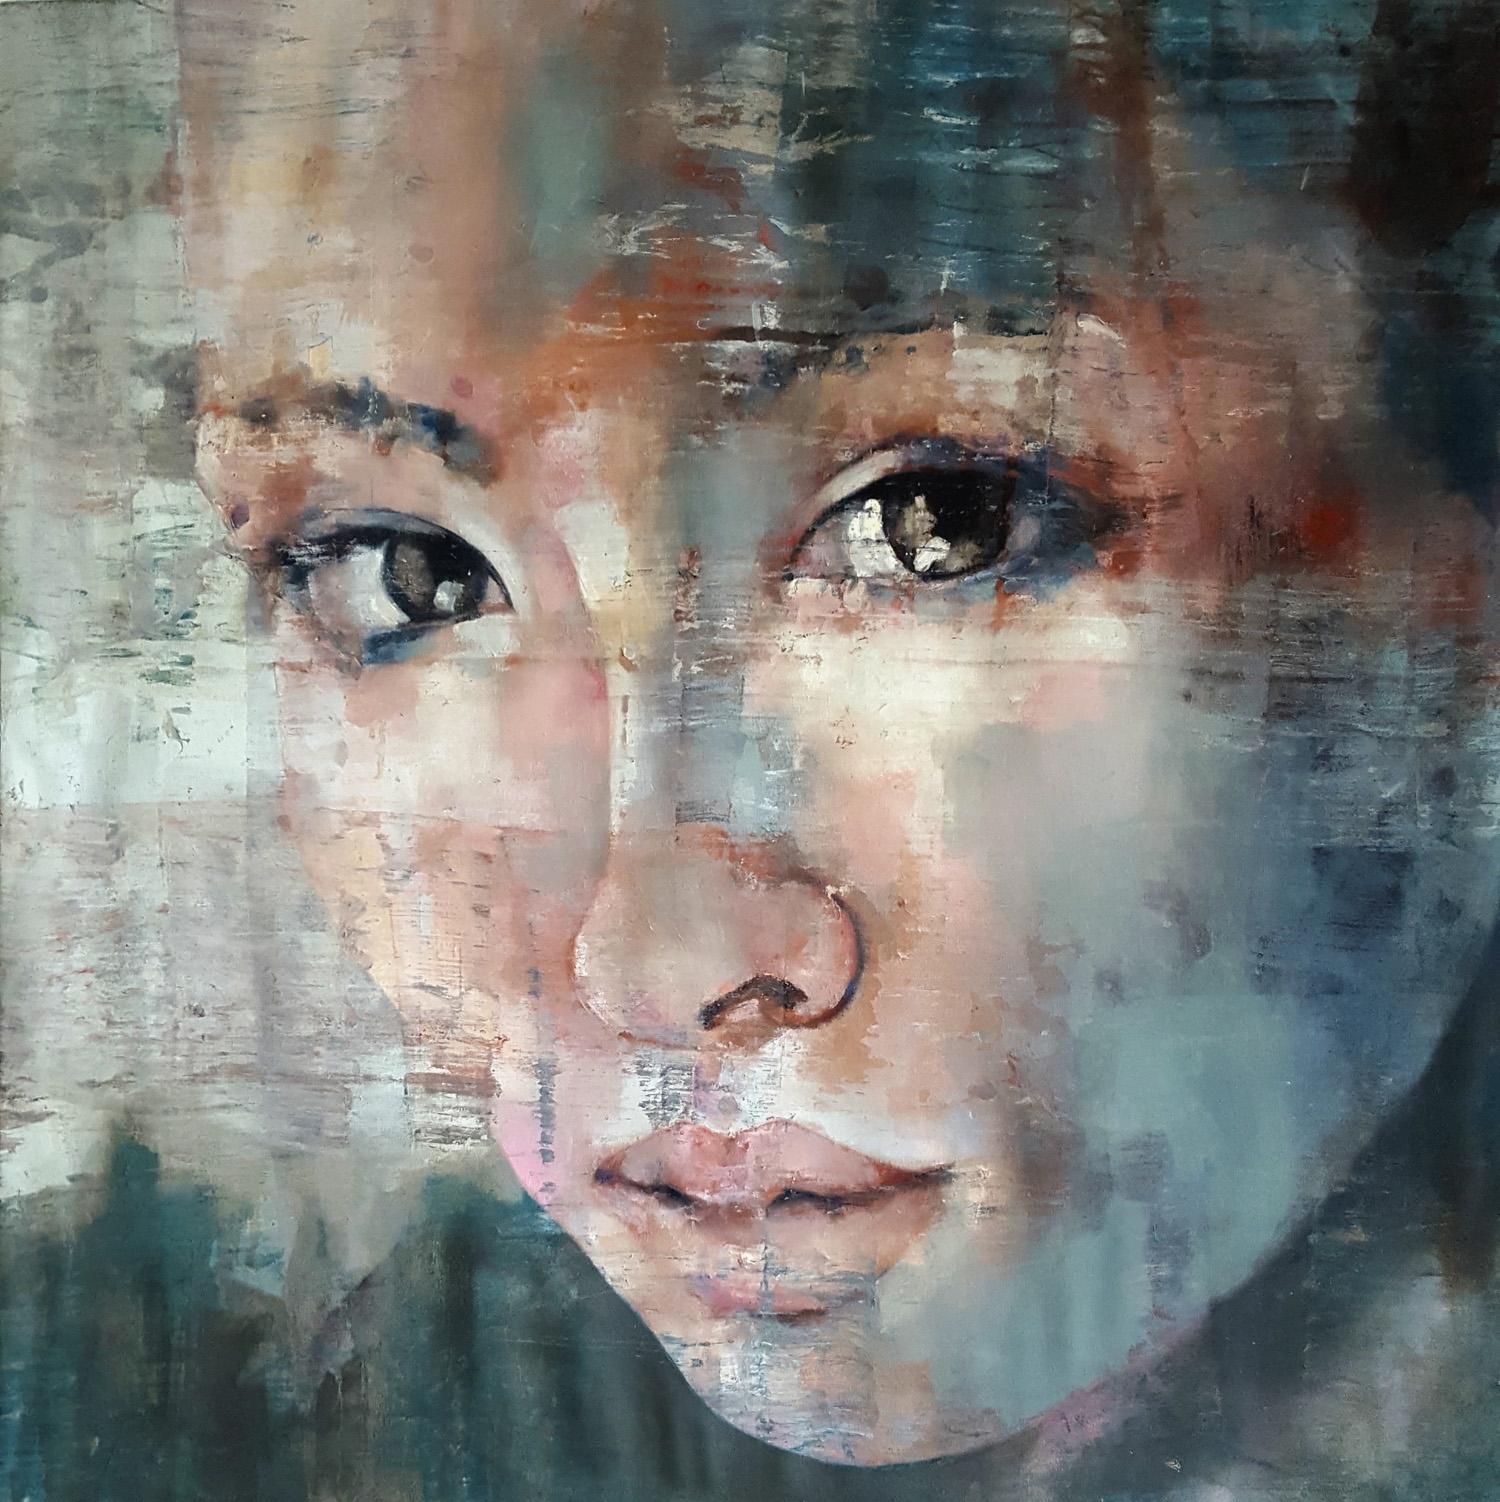 2-19-19-Head-oil-on-canvas-90x90cm